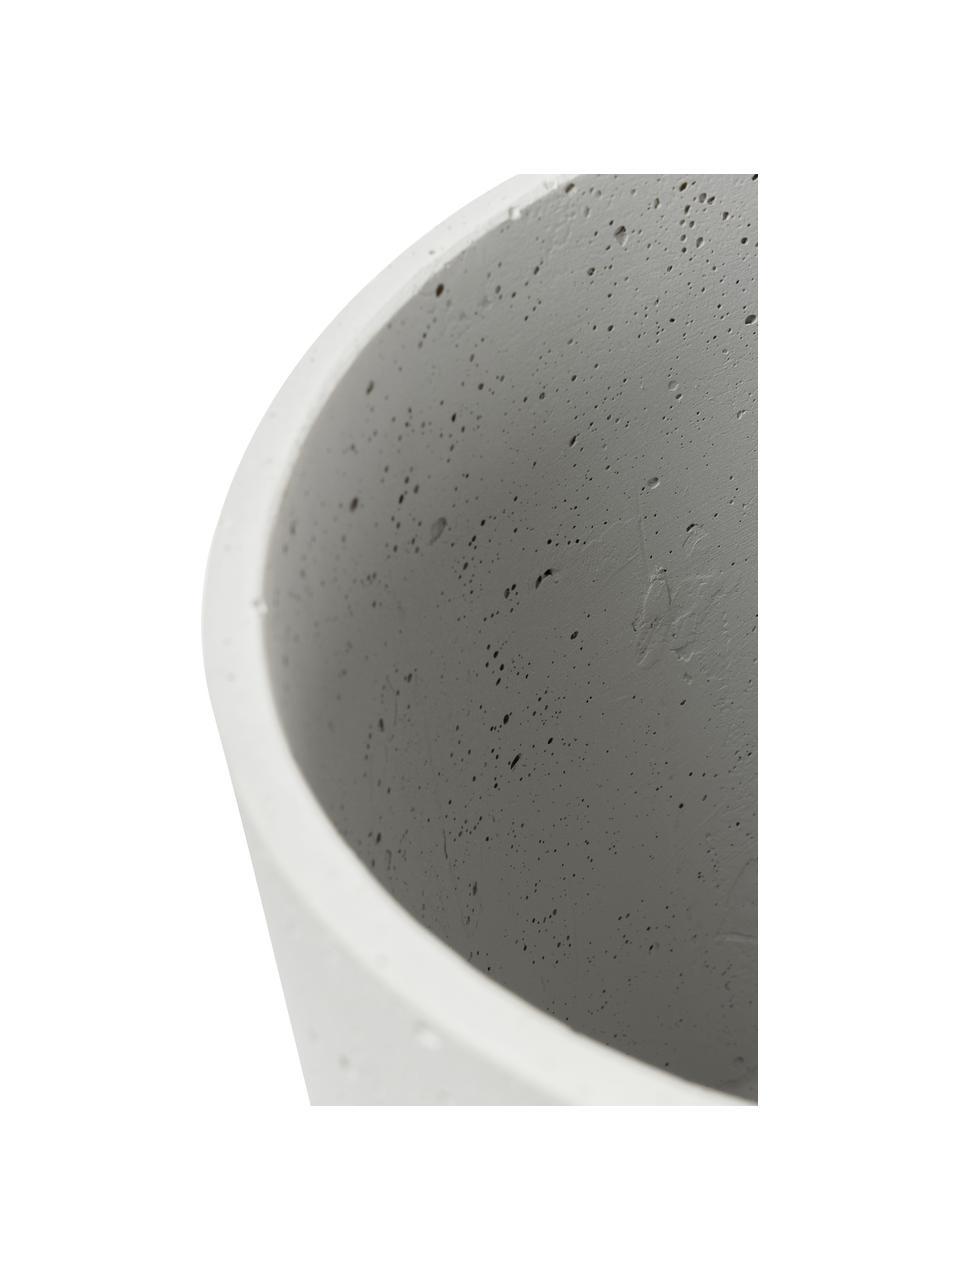 Komplet doniczek z betonu Kawanti, 2 szt., Beton, Jasny szary, Komplet z różnymi rozmiarami